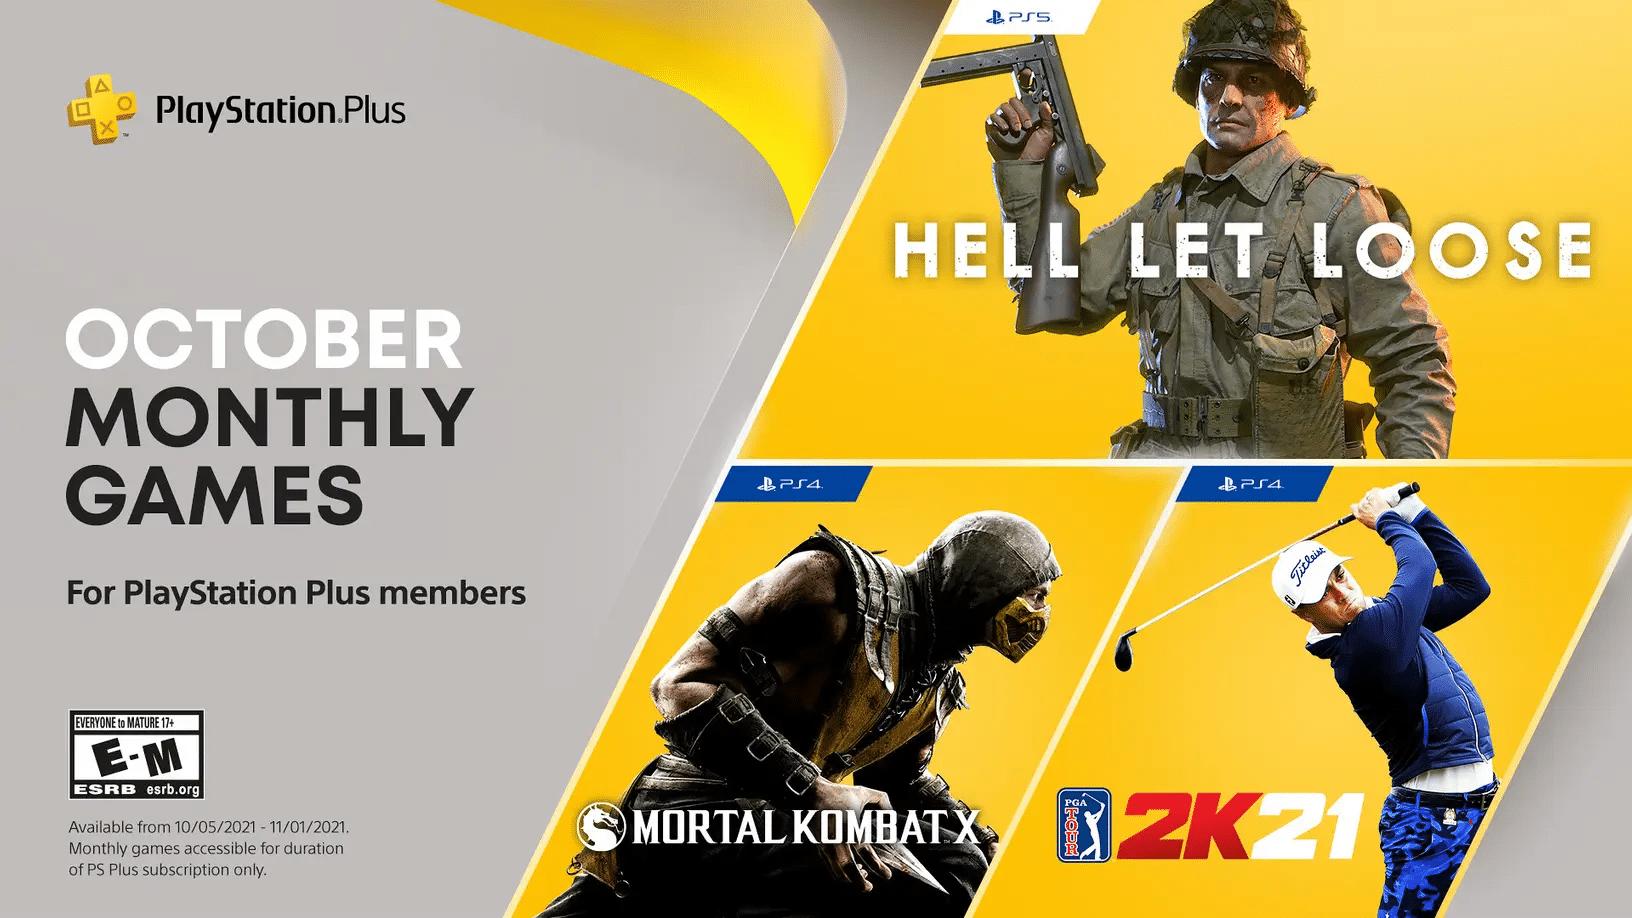 Hell Let Loose, Mortal Kombat X e PGA Tour 2K21 estarão na PS Plus de Outubro